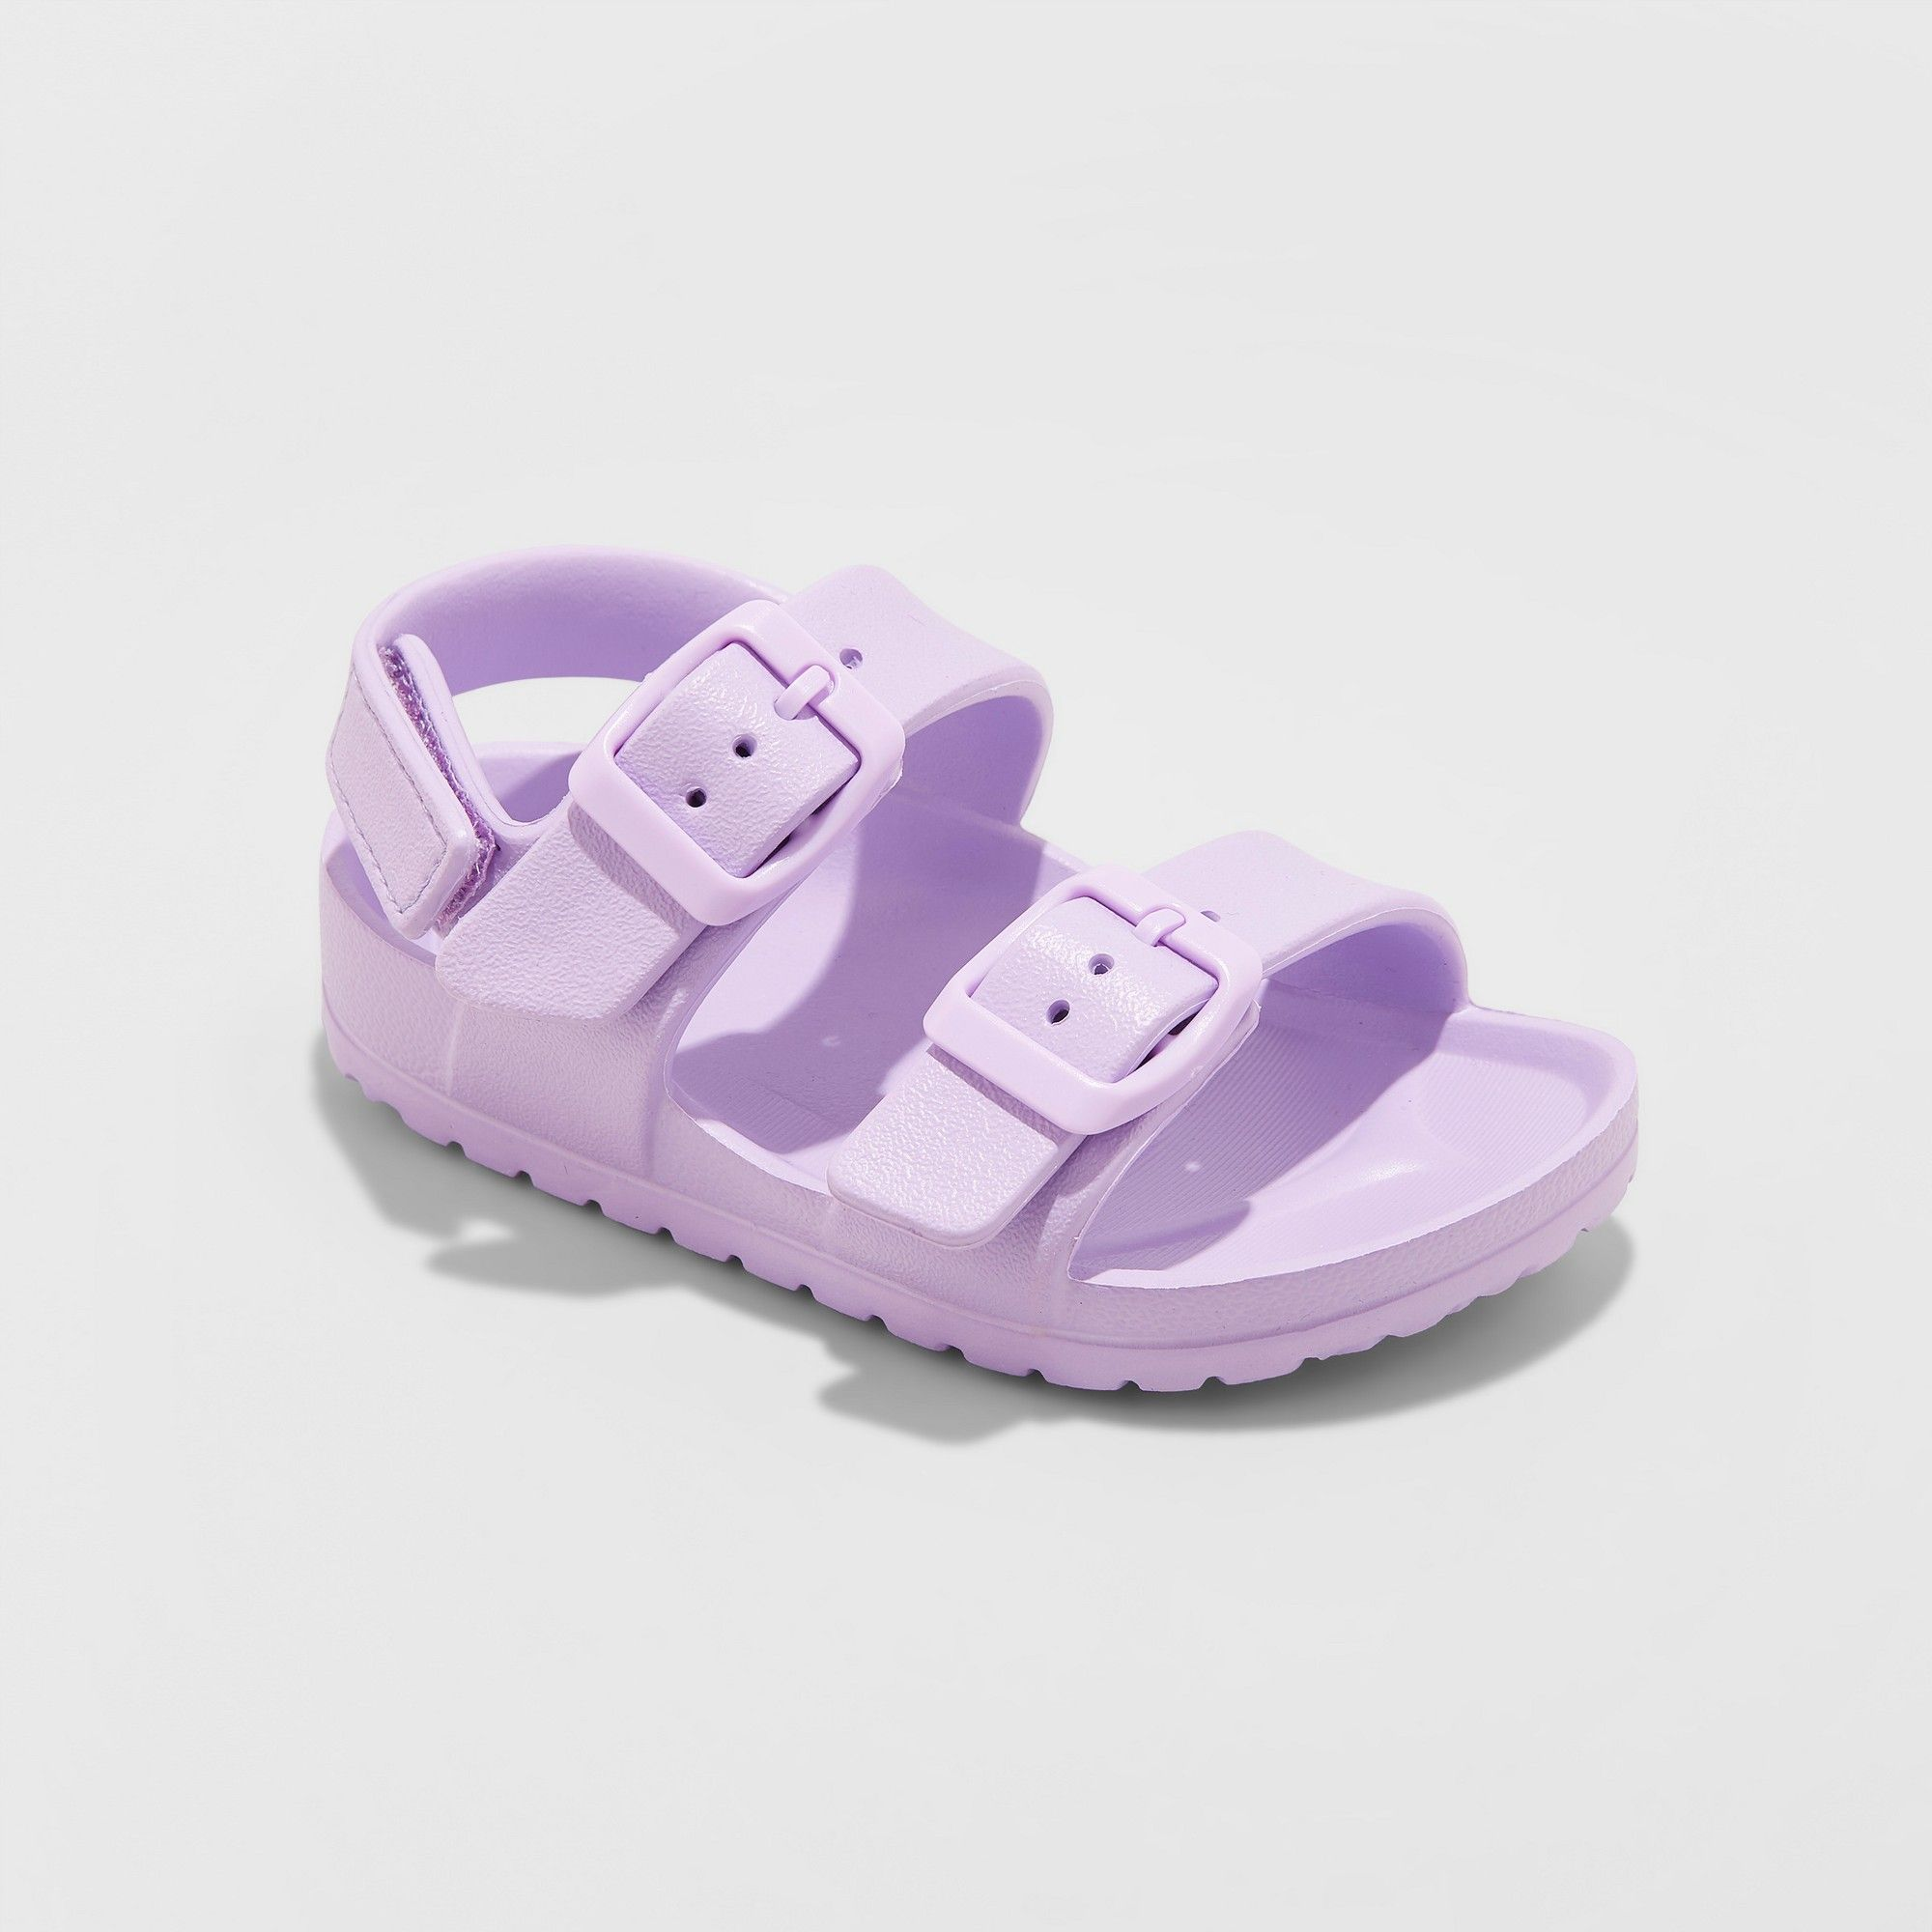 Toddler Girls' Jandra Eva Slide Sandals